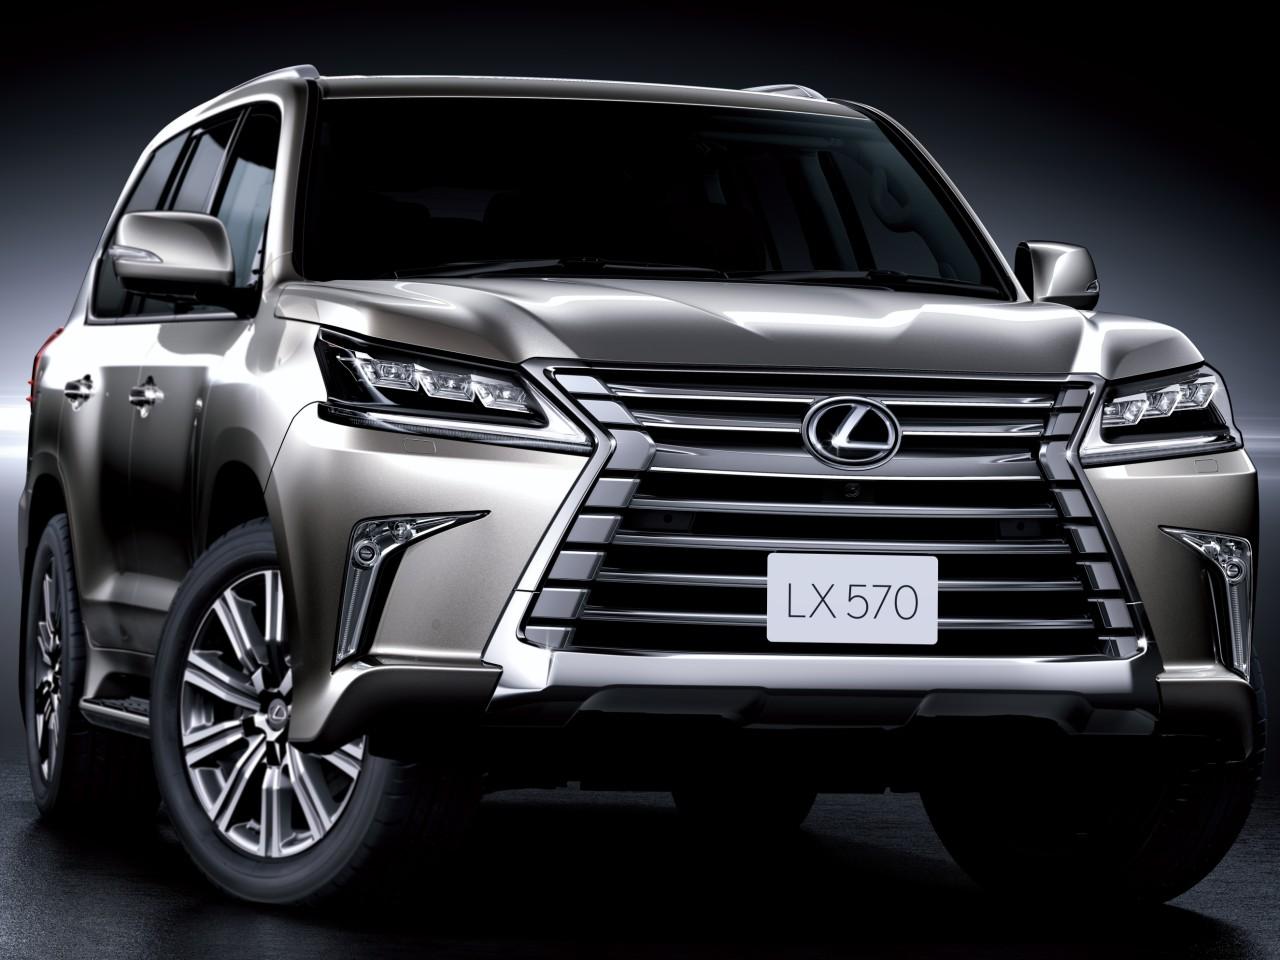 レクサス LX 2015年モデル 新車画像